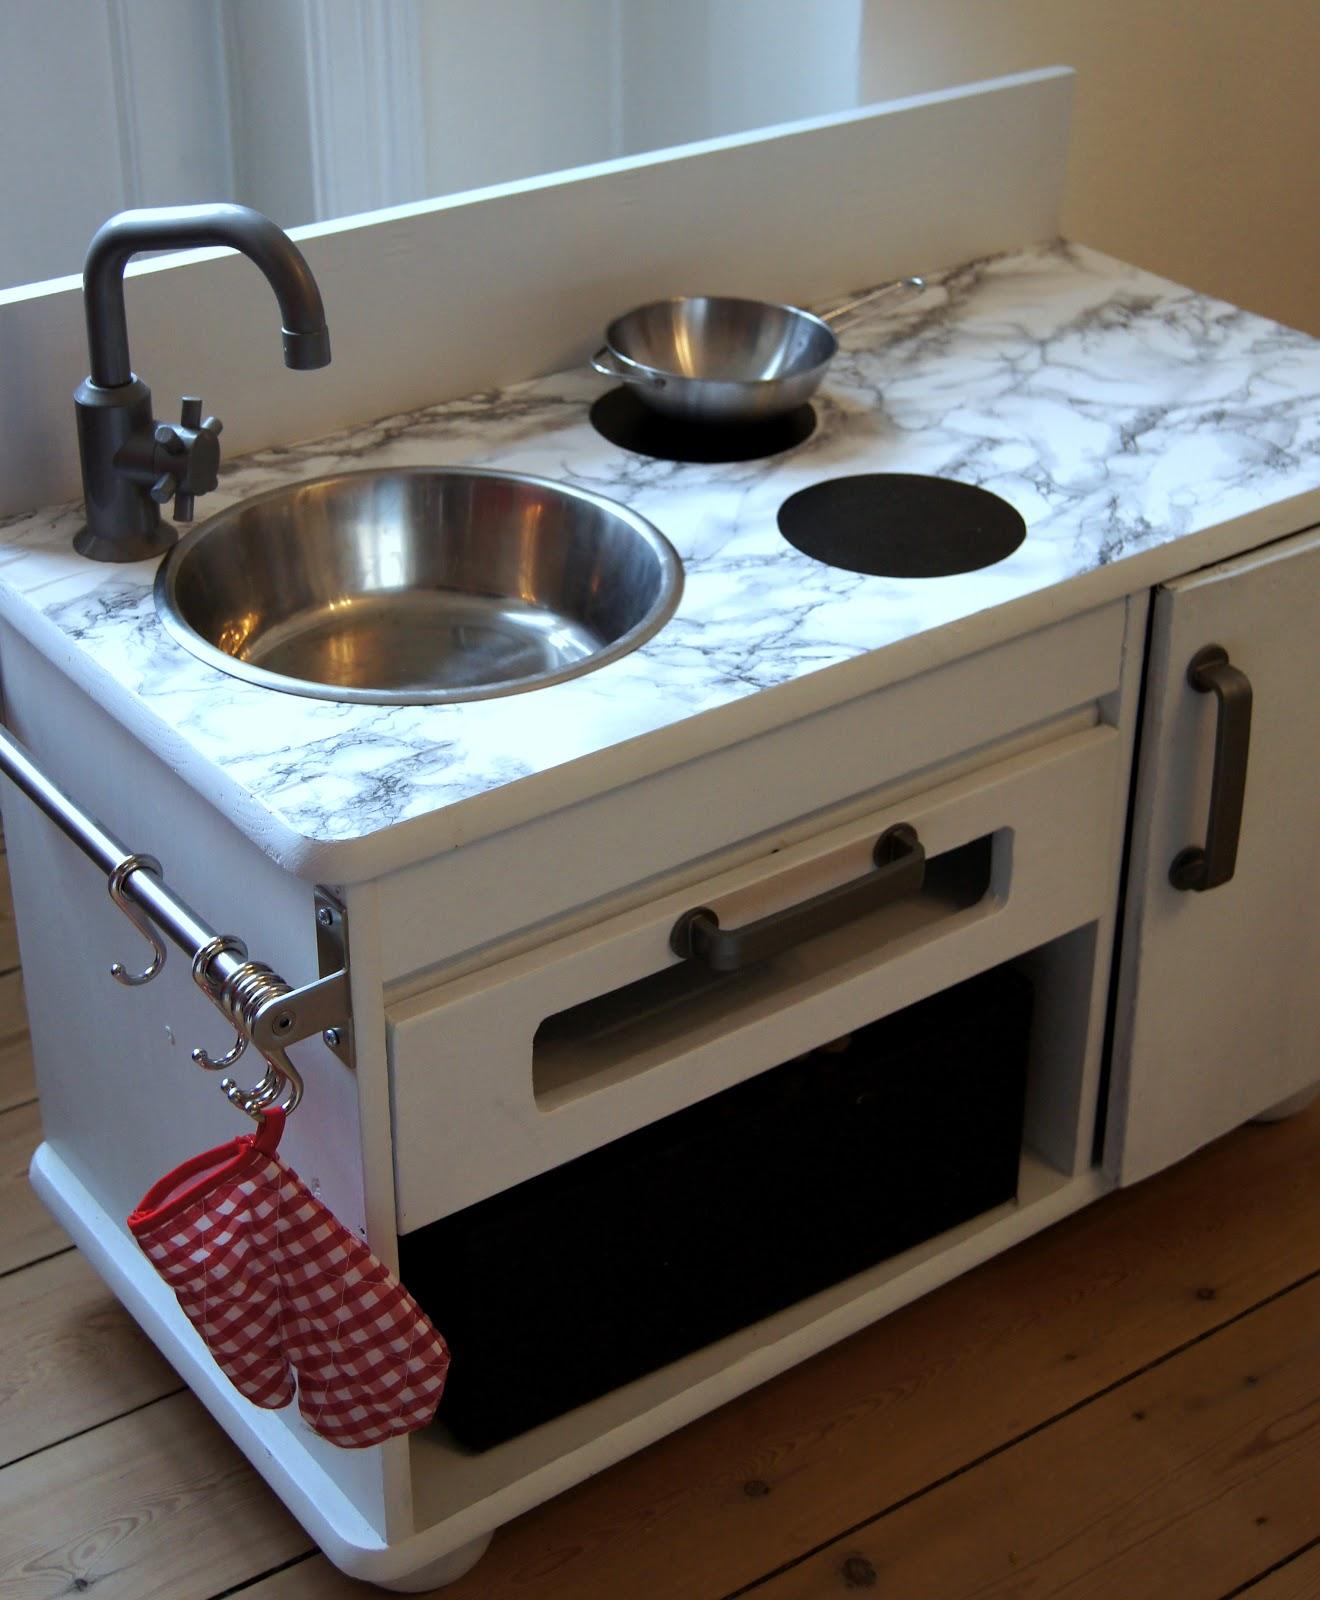 Frk fløjgaard: gør det selv køkken i miniudgave